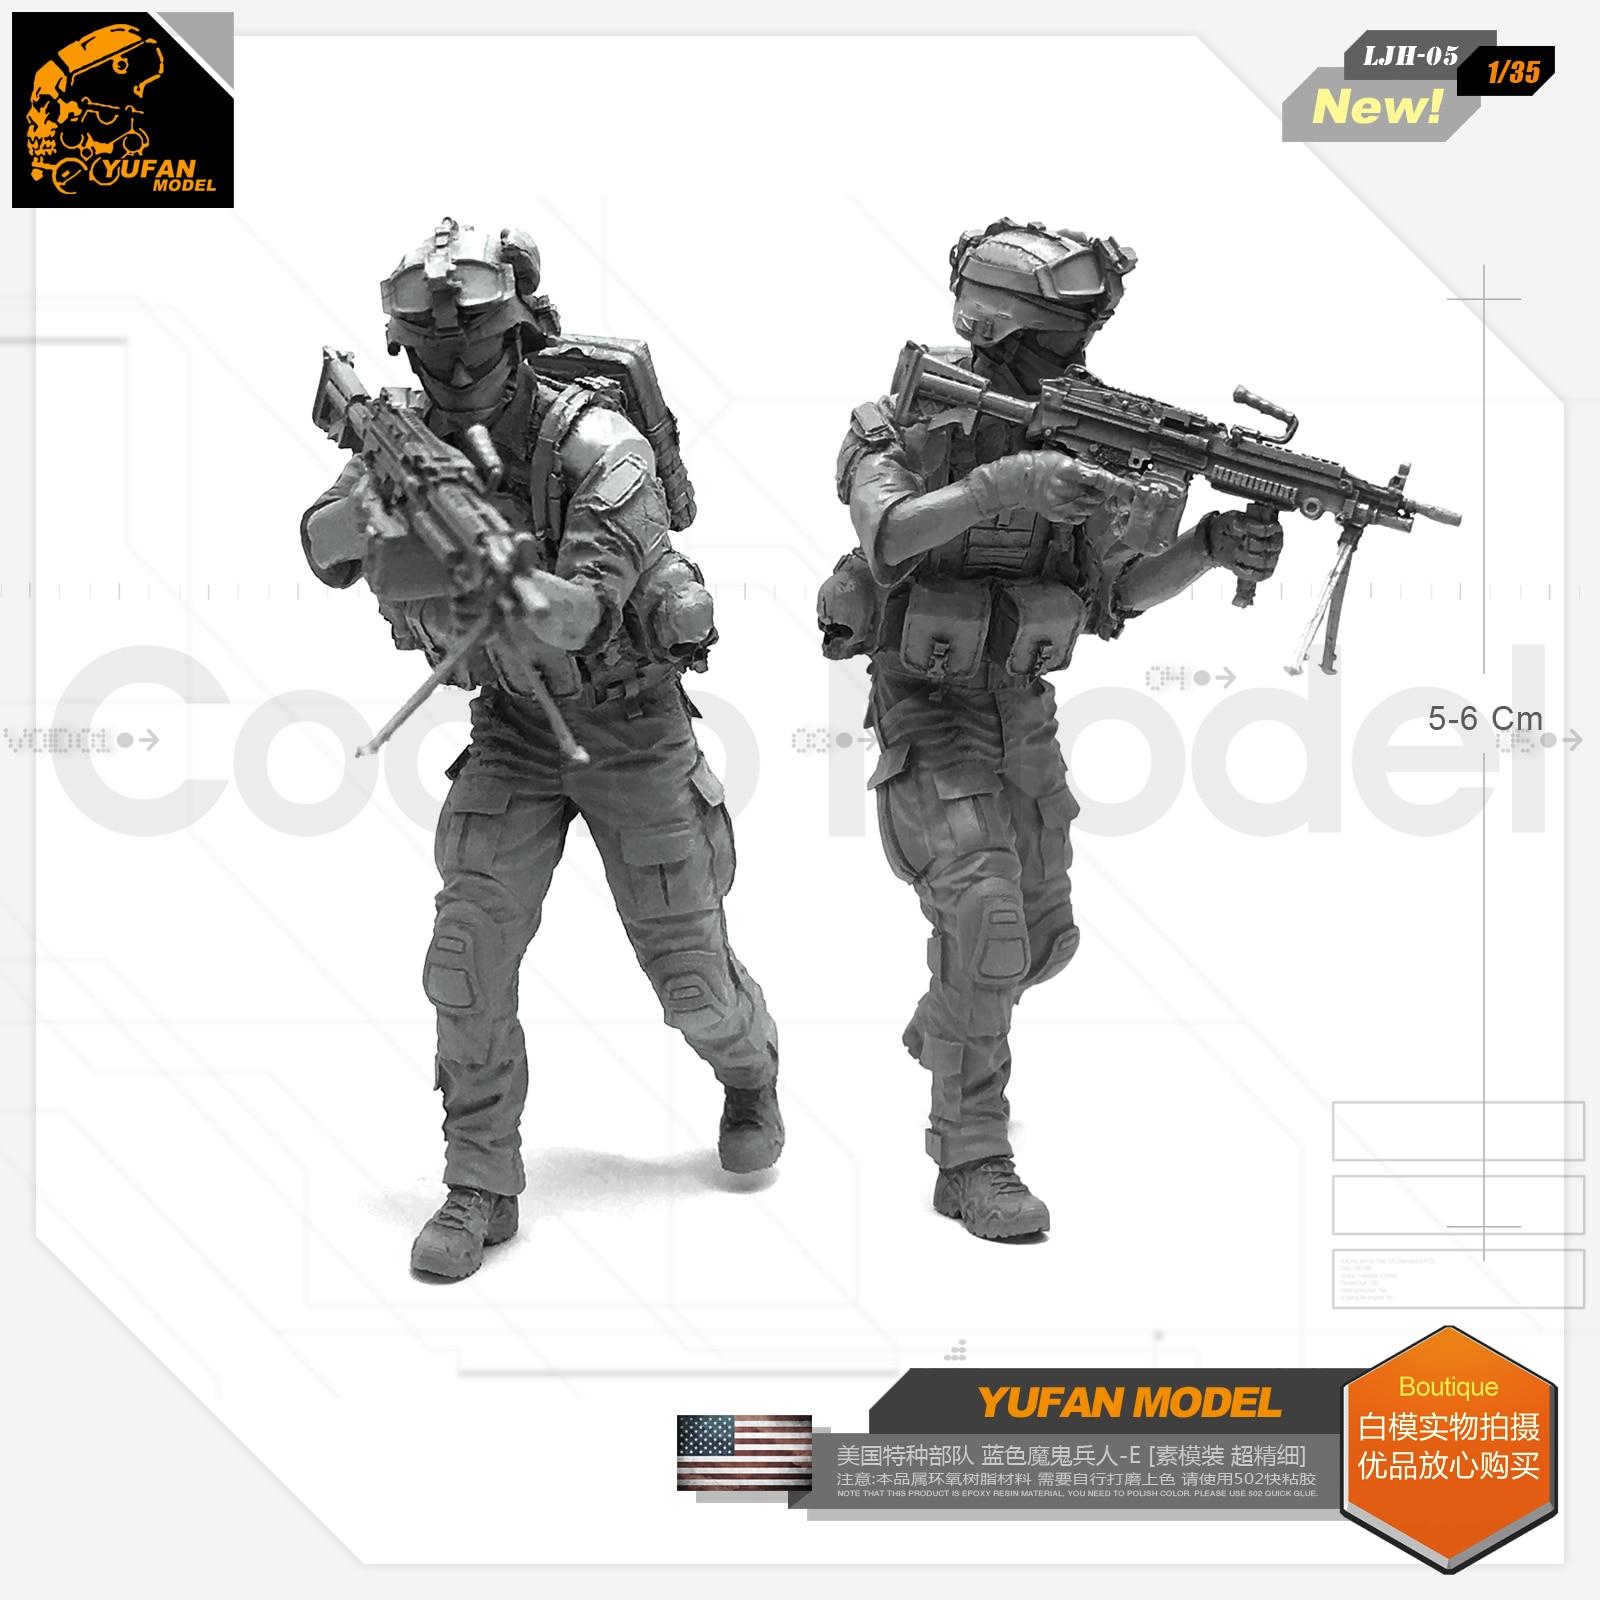 Yufan Model 1/35 Figure  Resin Soldier Modern Us Army Resin Model Devil Series LJH-05